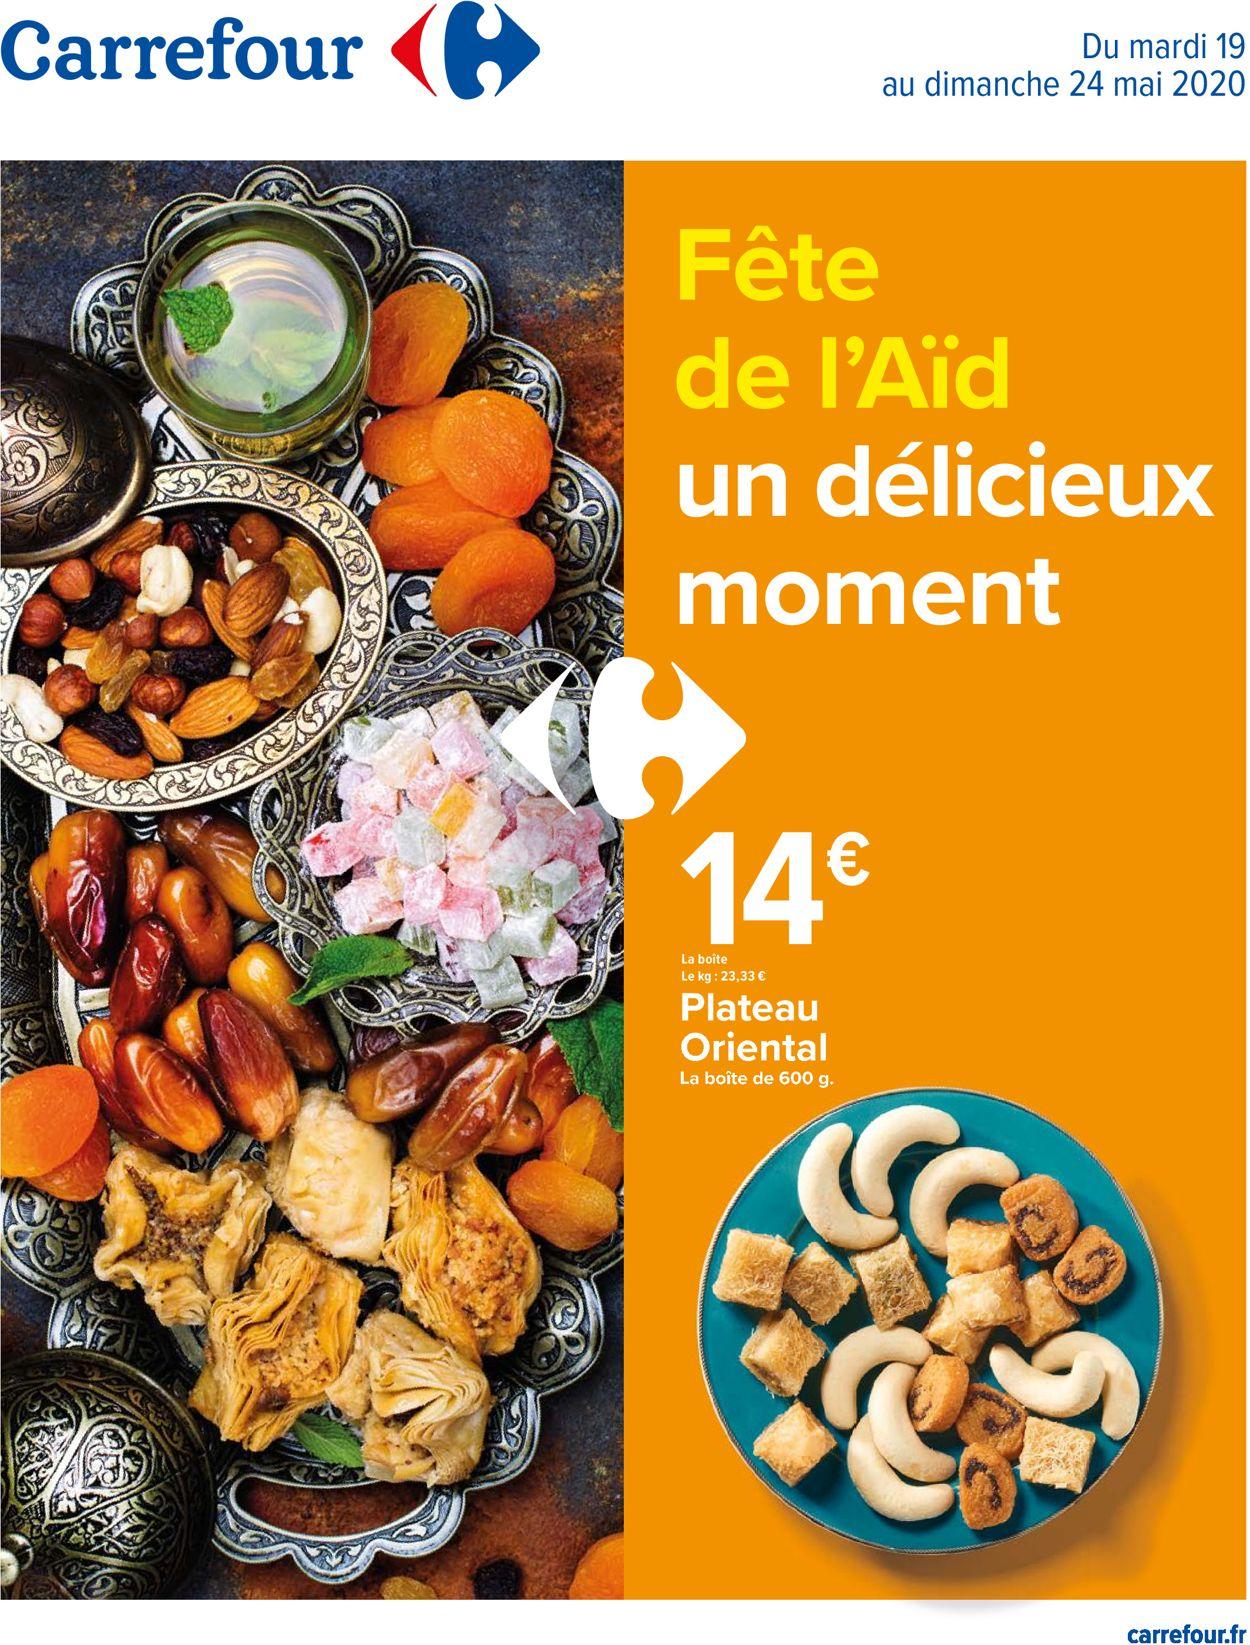 Carrefour Catalogue - 19.05-24.05.2020